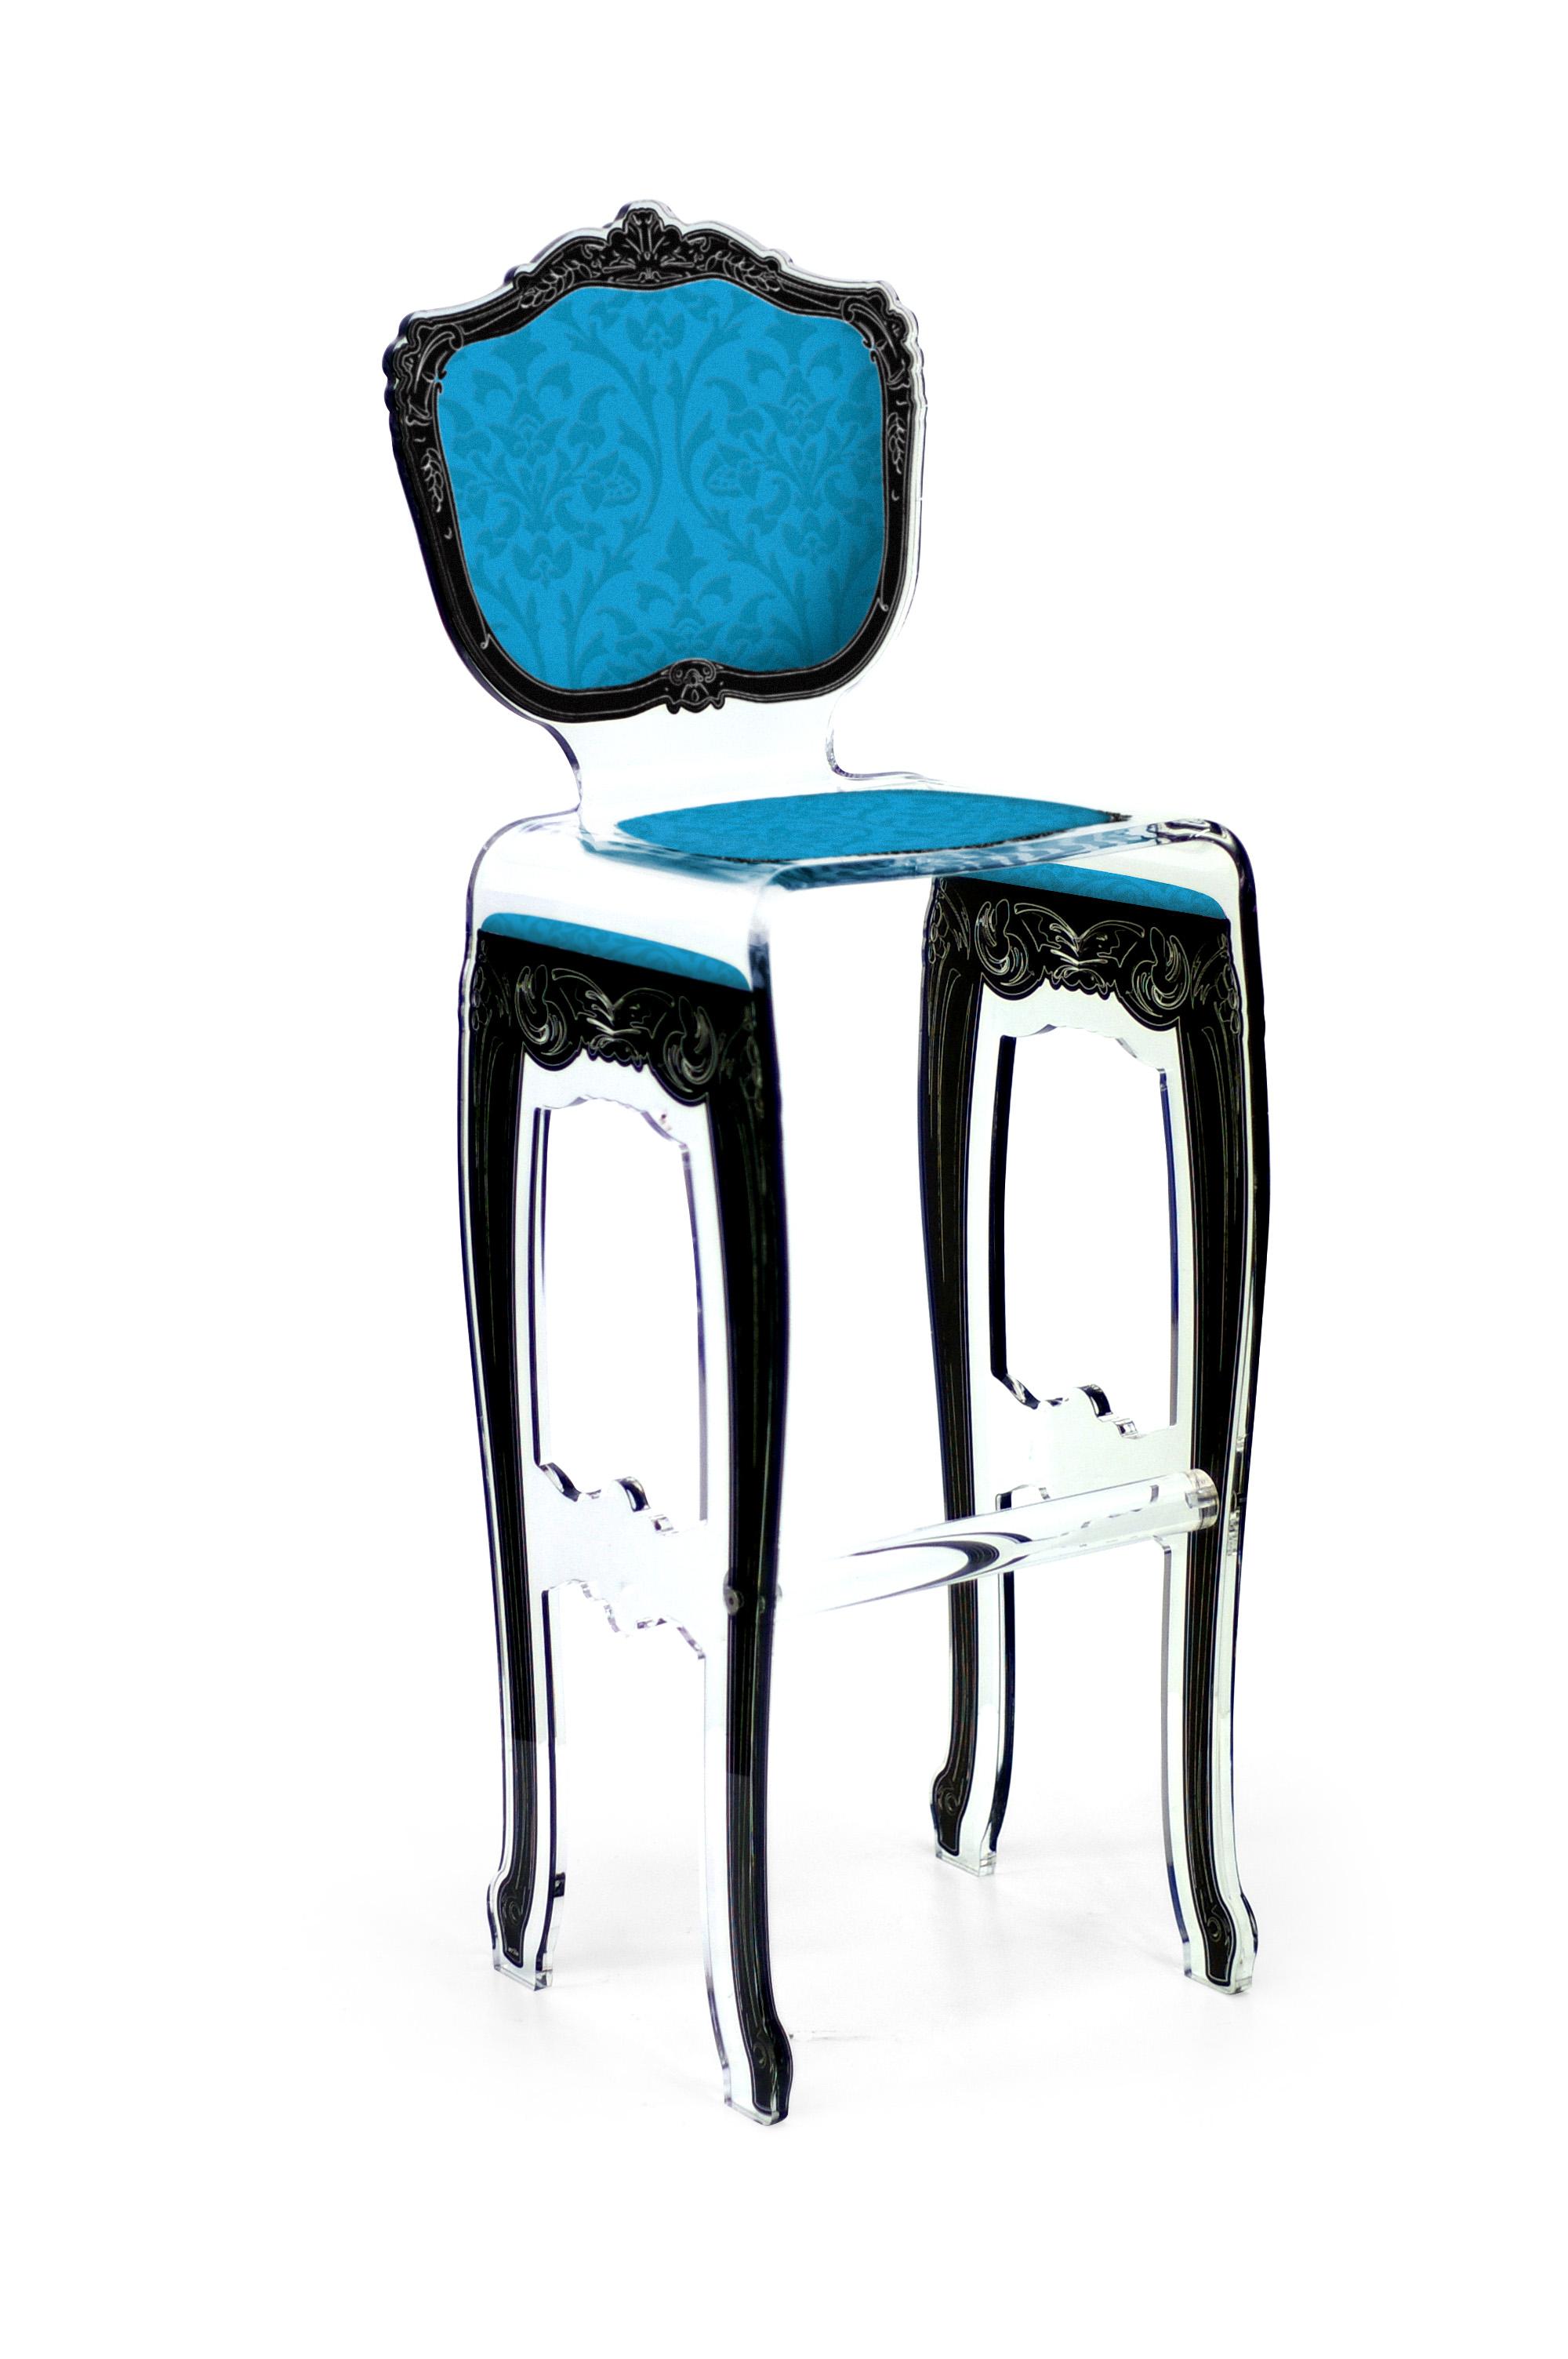 tab baroque pied plexi bleu.jpg